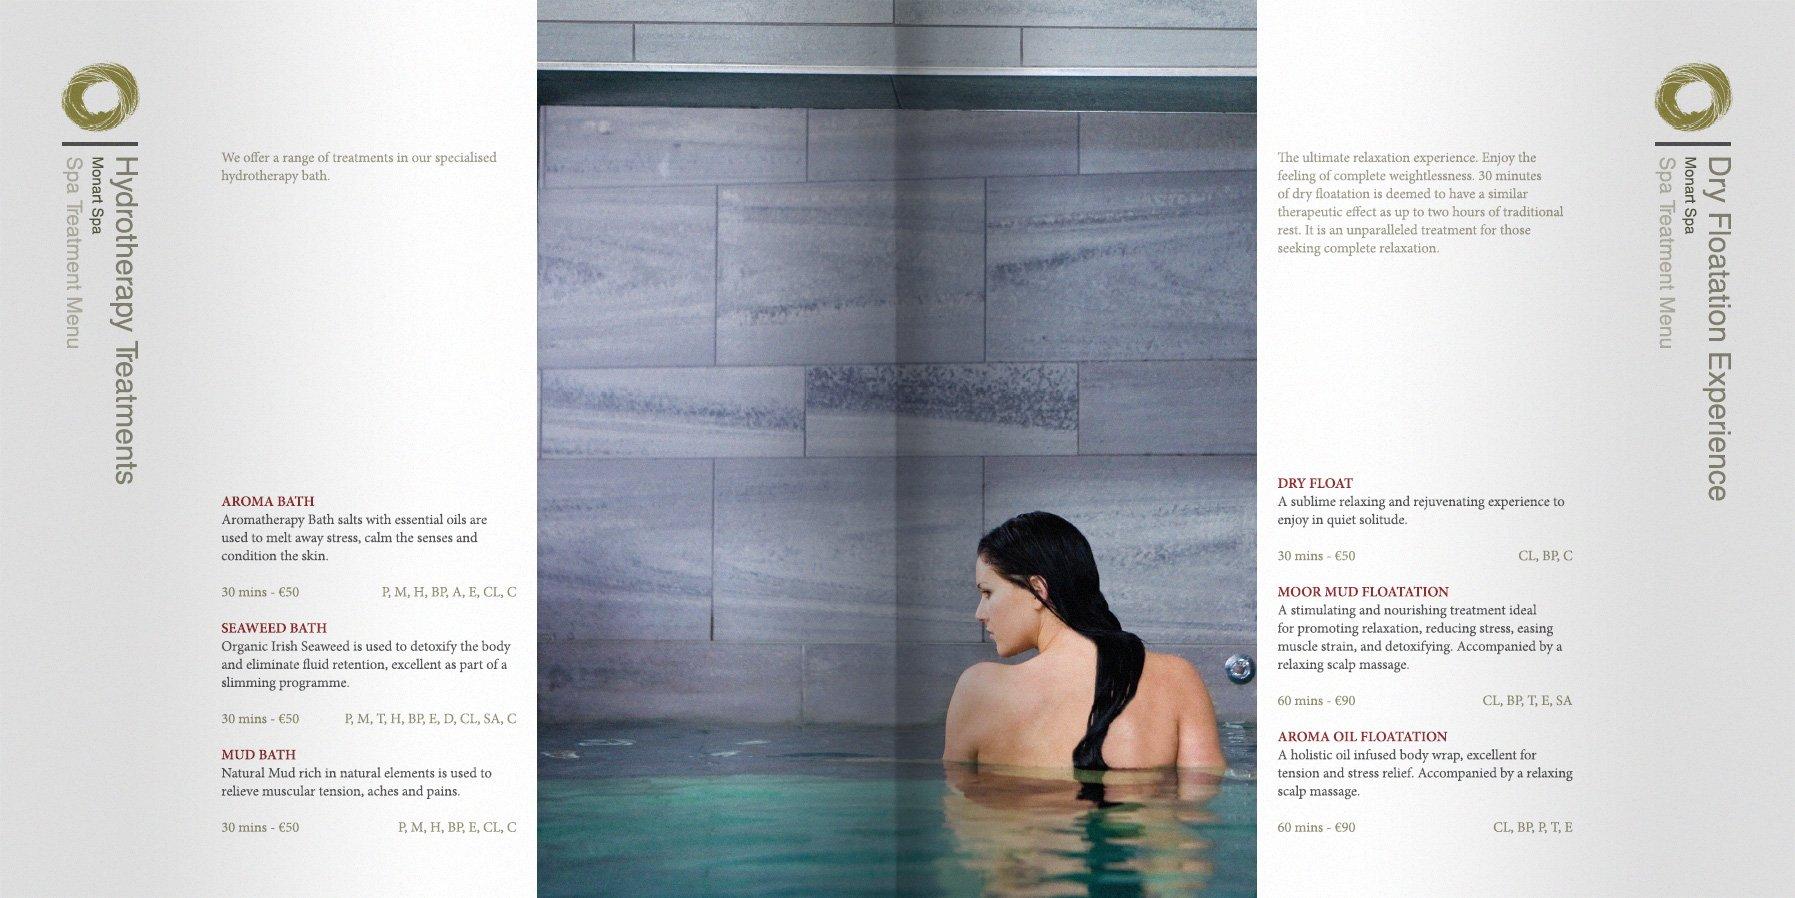 monart brochure design wexford. Pixelpod graphic design and branding in wexford.